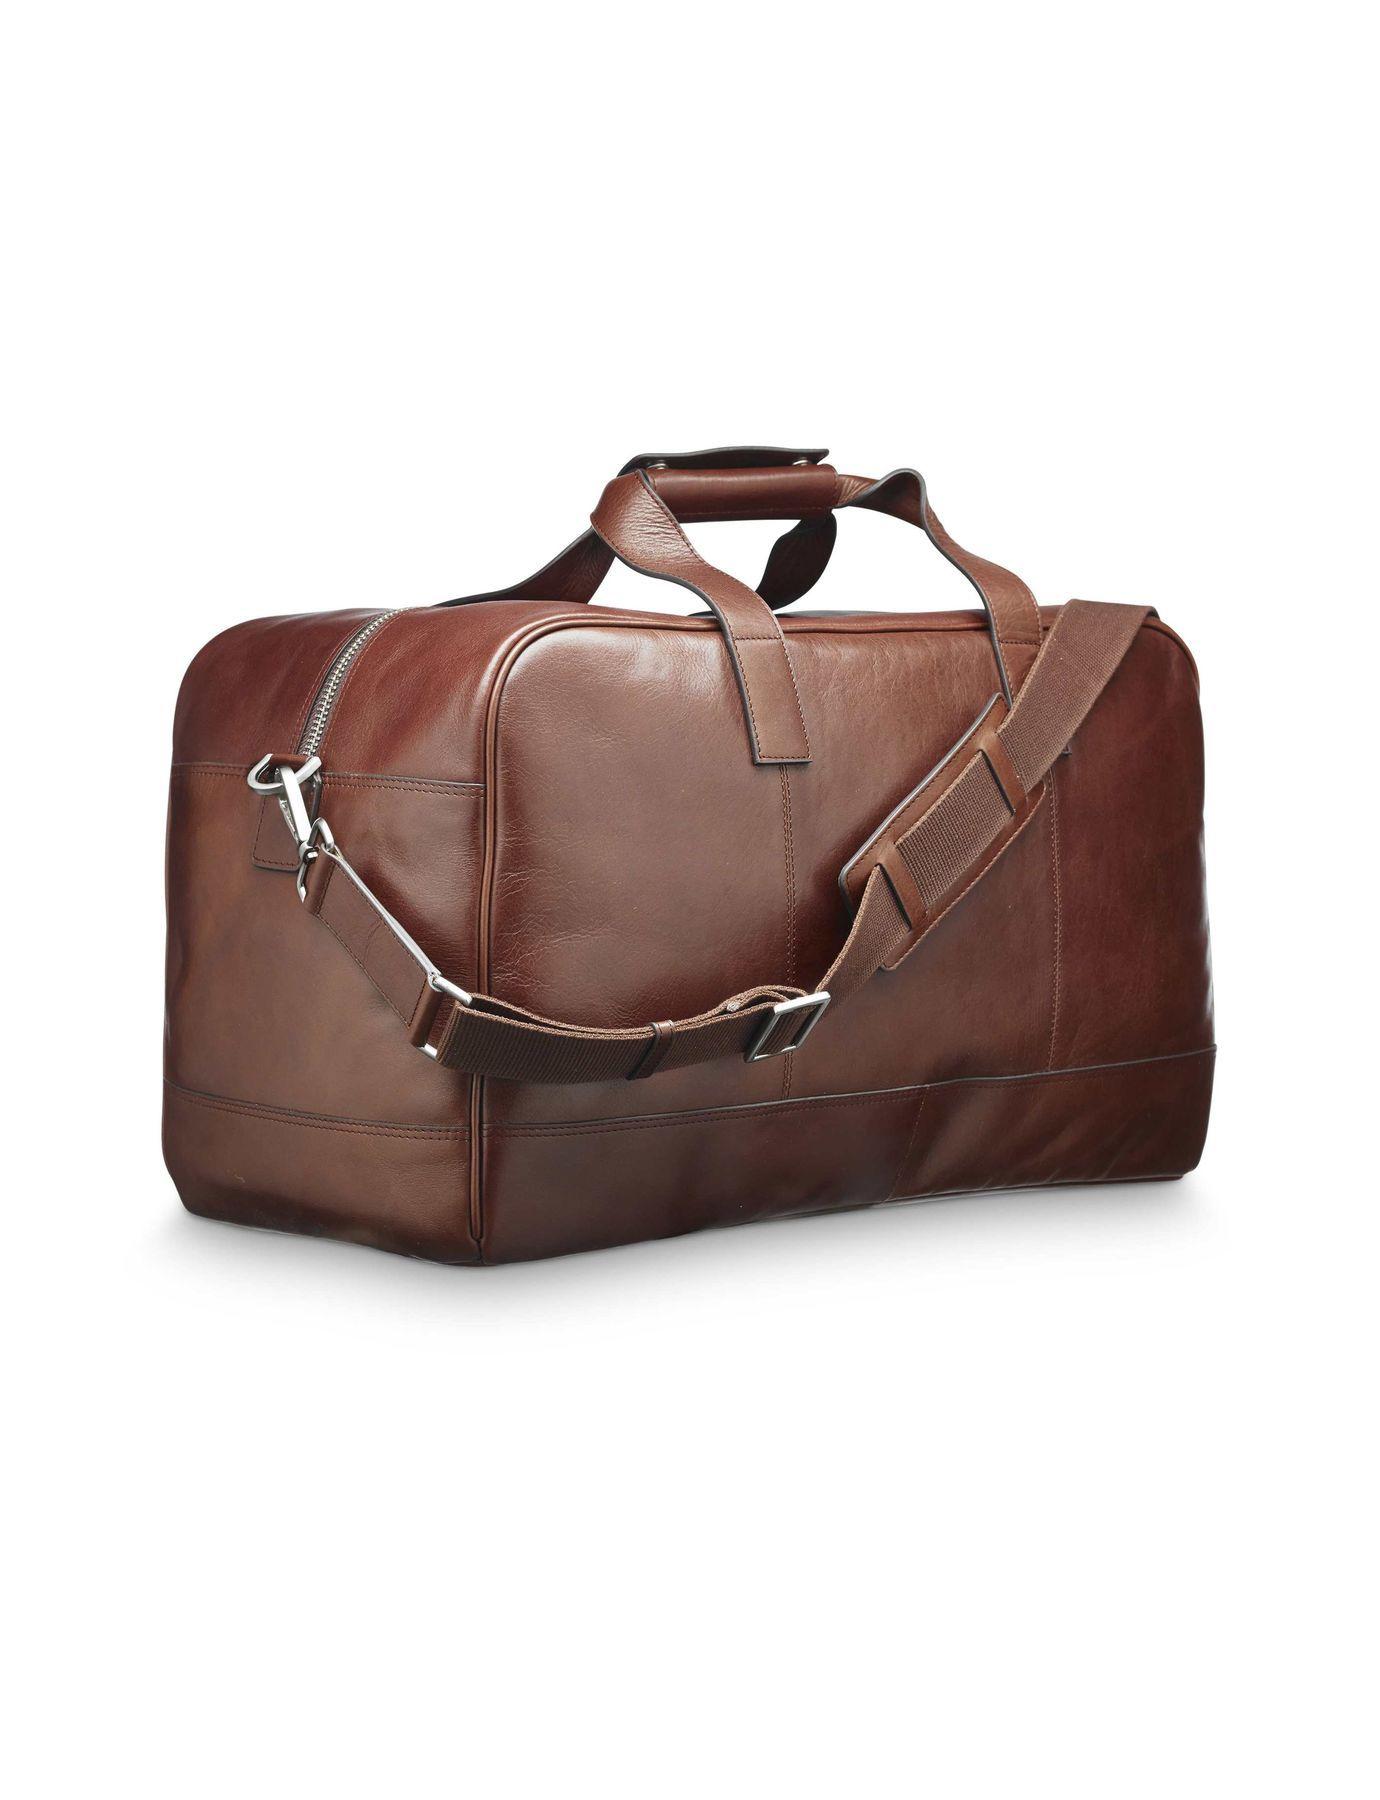 ... new zealand ralph lauren polo blue weekend travel holdall gym bag 7f90b  247e2 053209d5a3465